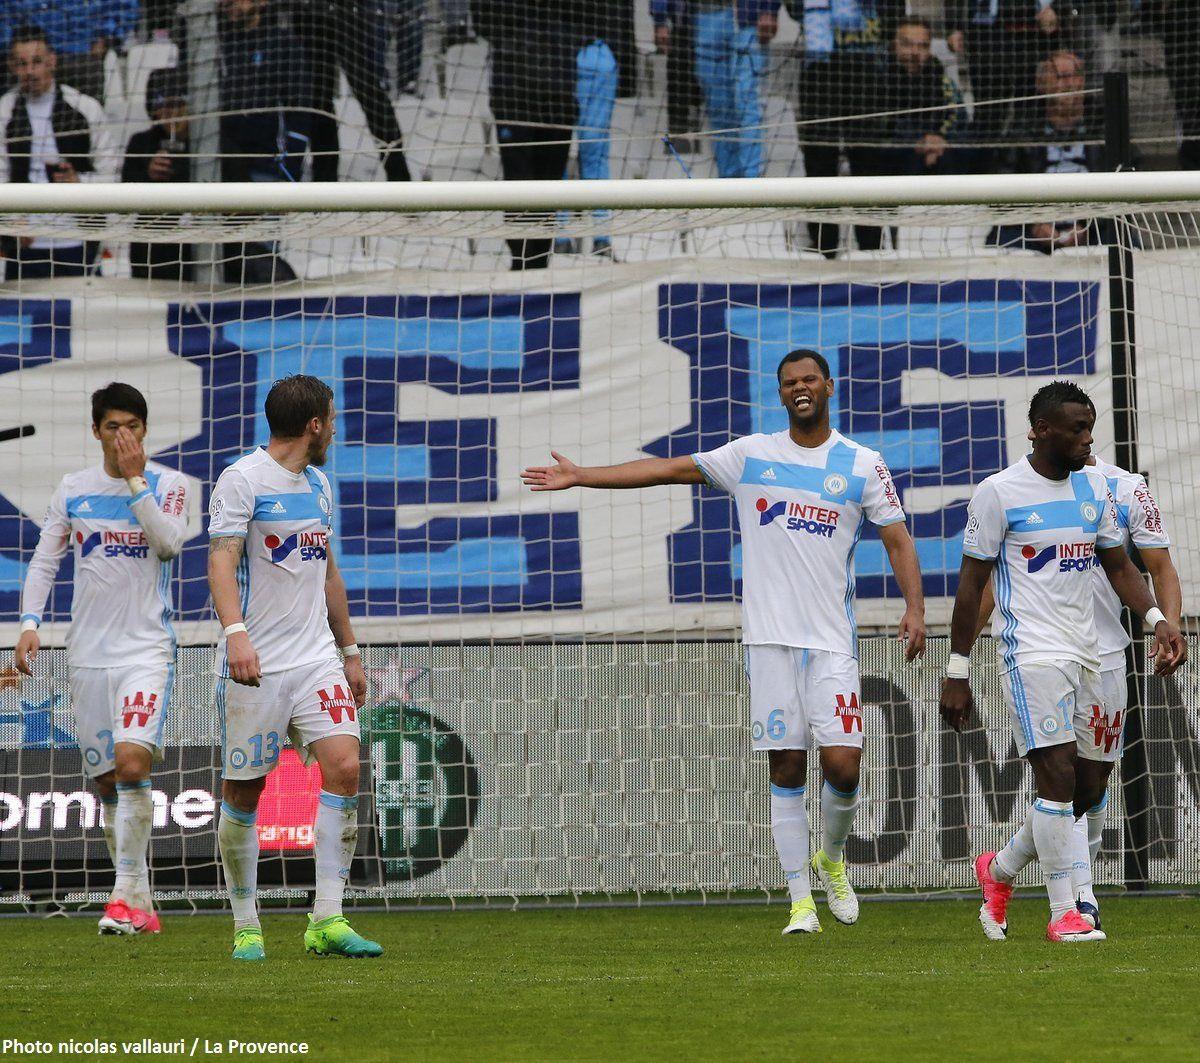 OM 1-1 Dijon FCO : Le résumé vidéo de la rencontre